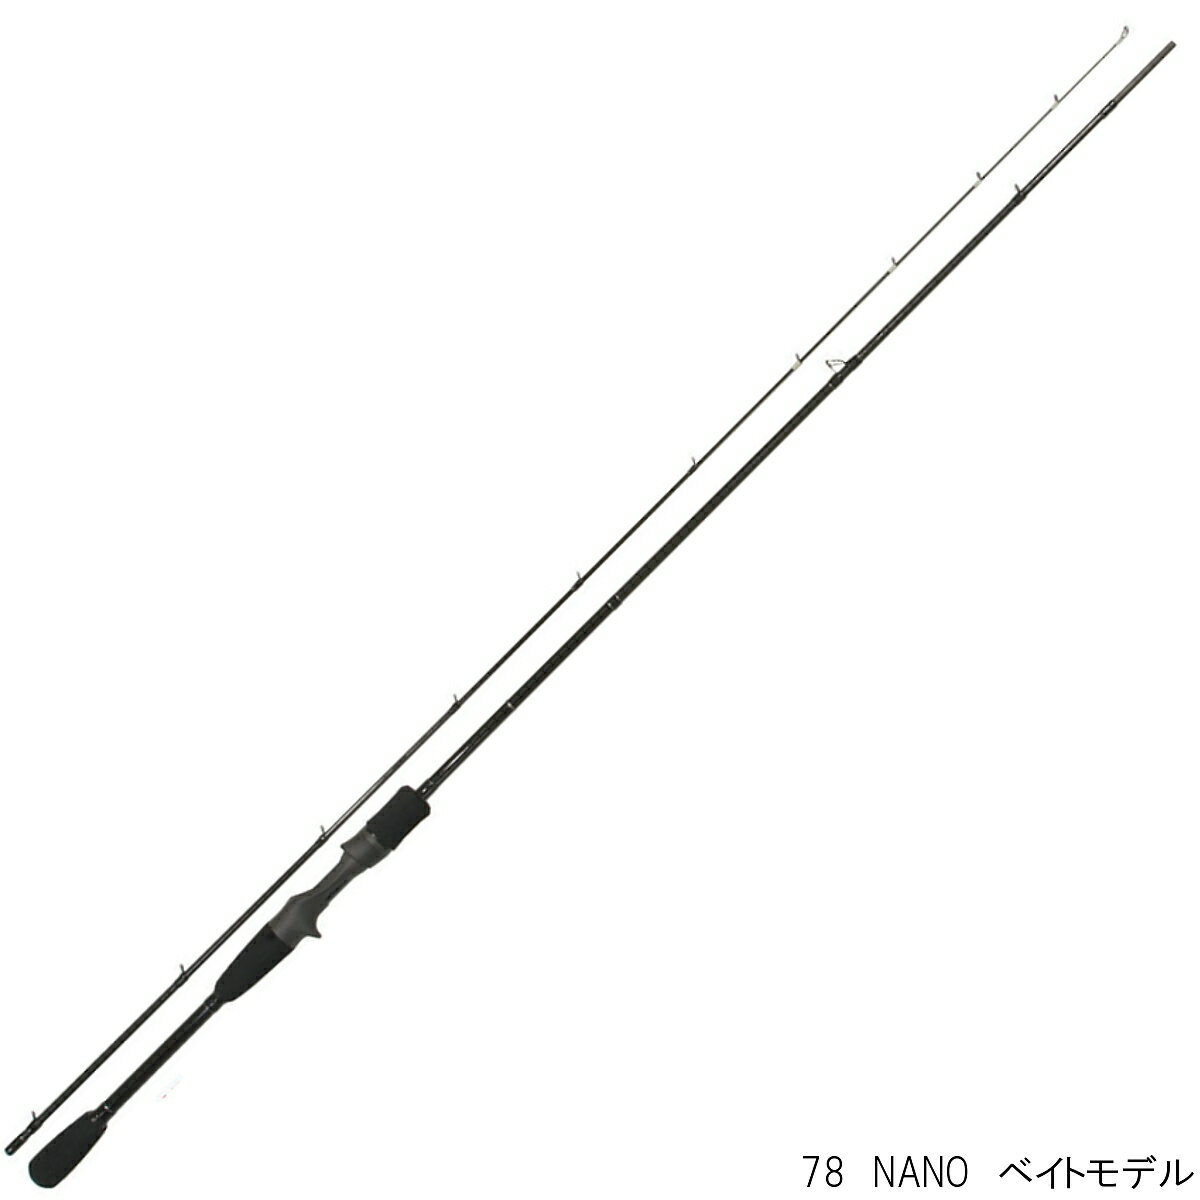 ヤマガブランクス ブルーカレント 78 NANO ベイトモデル